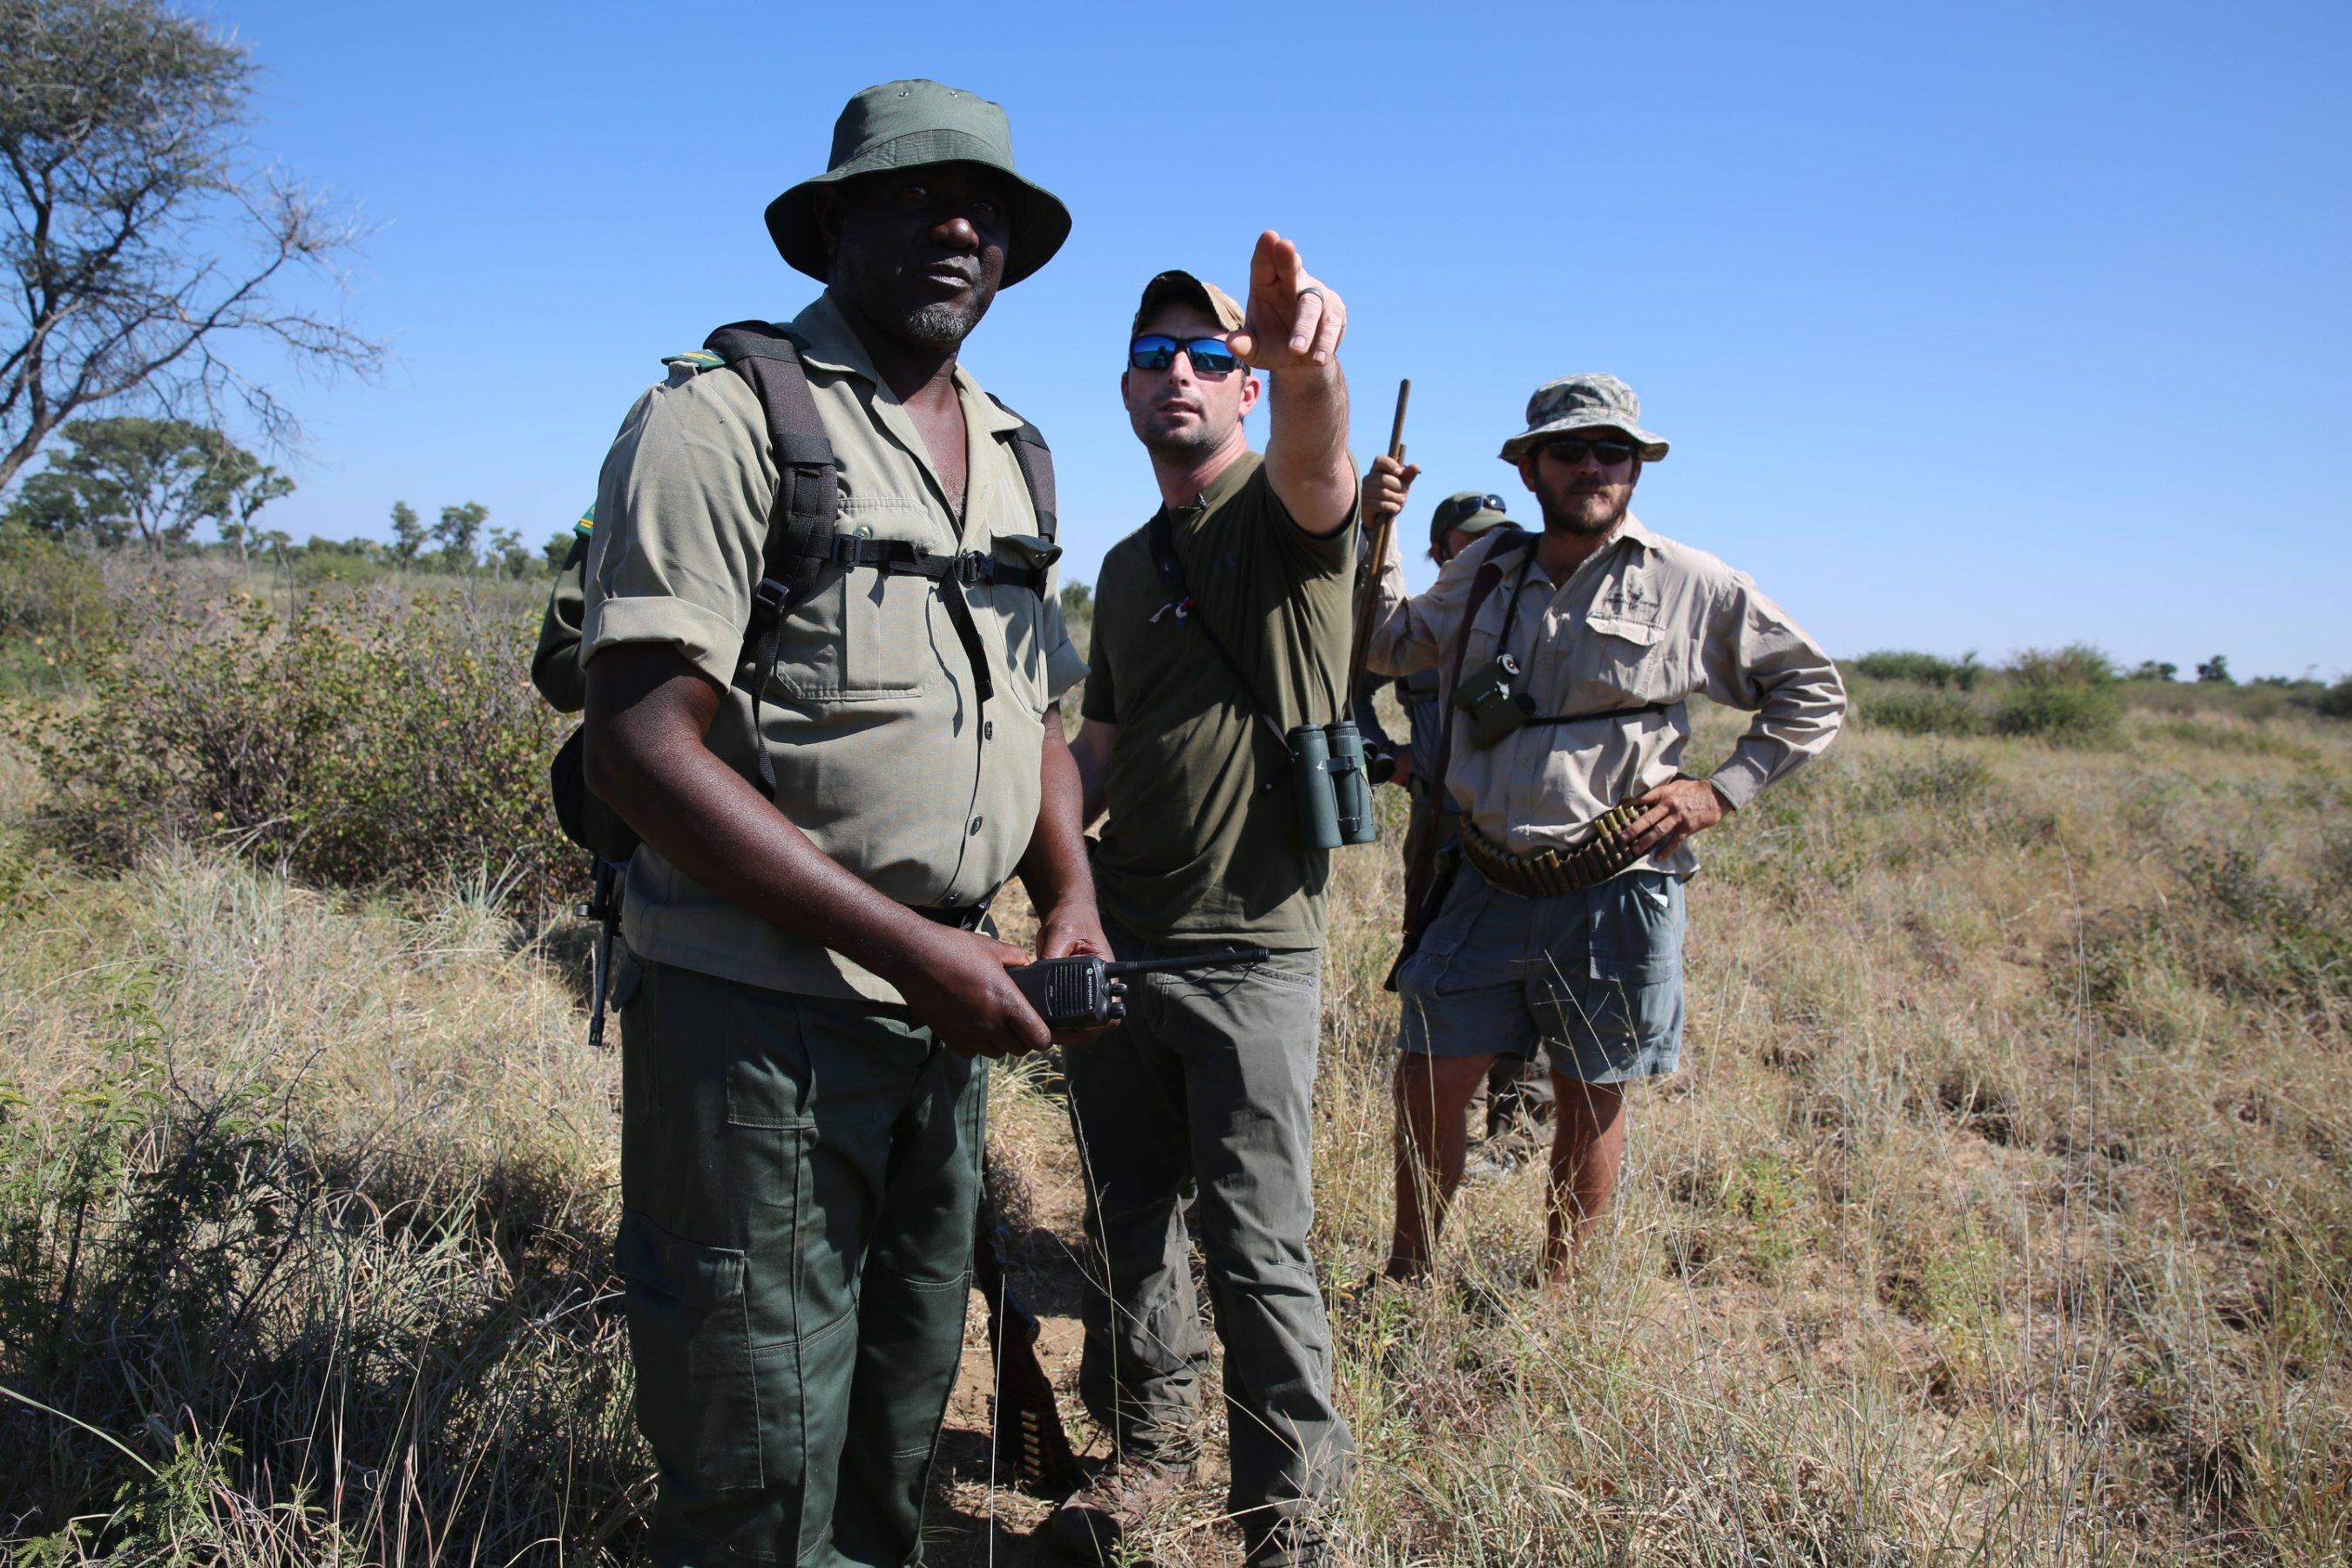 Corey Knowlton, centro, con el grupo de caza. (Crédito: Jason Morris/CNN)